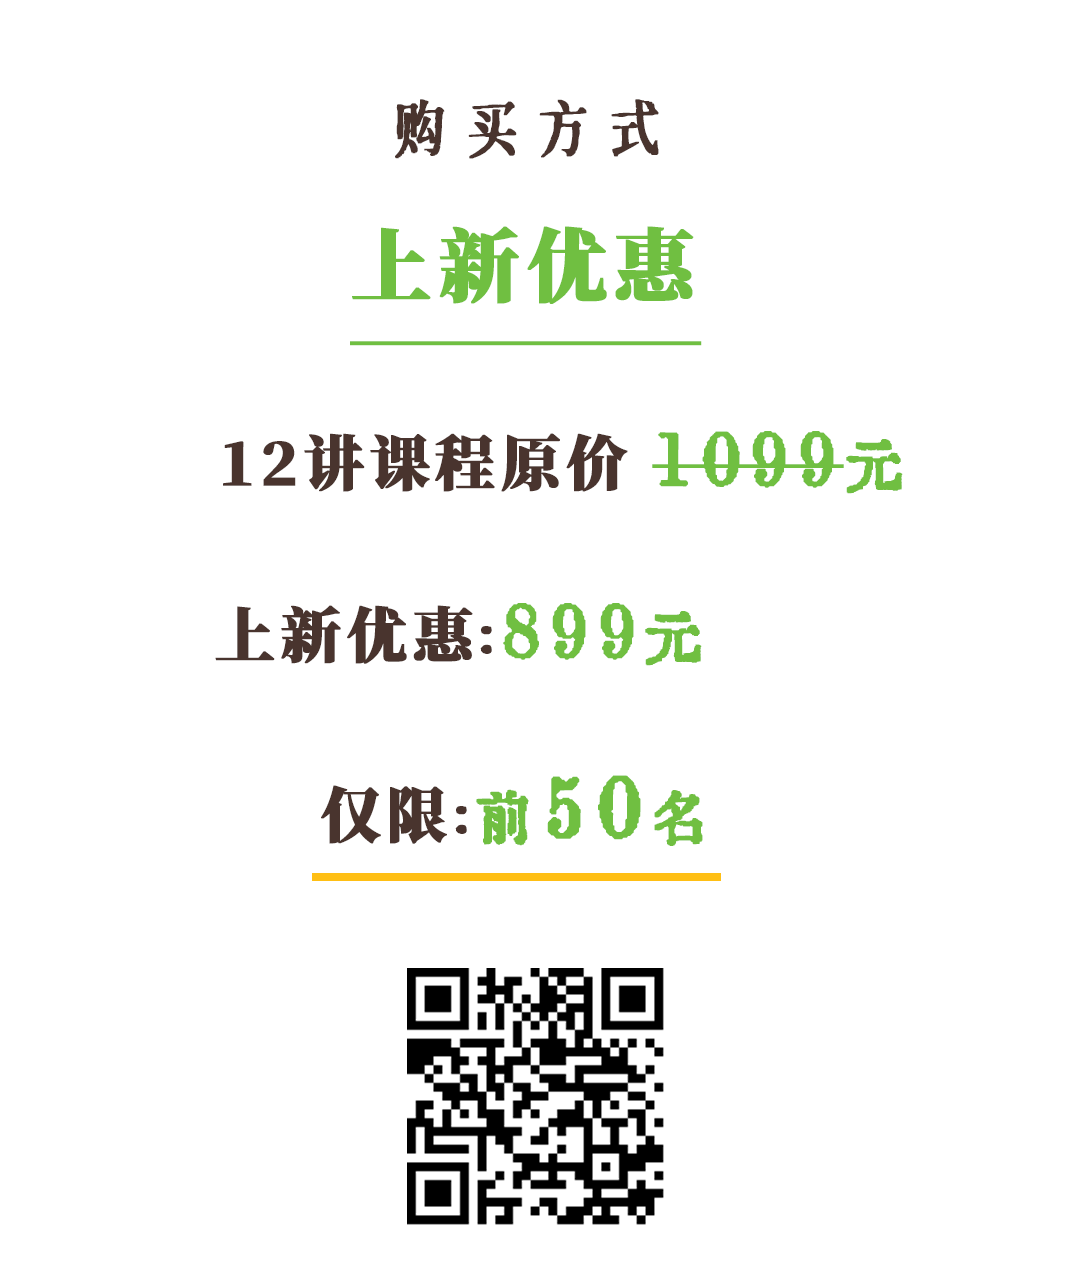 唐康硕-150个案例解析丨画板13---价格.png